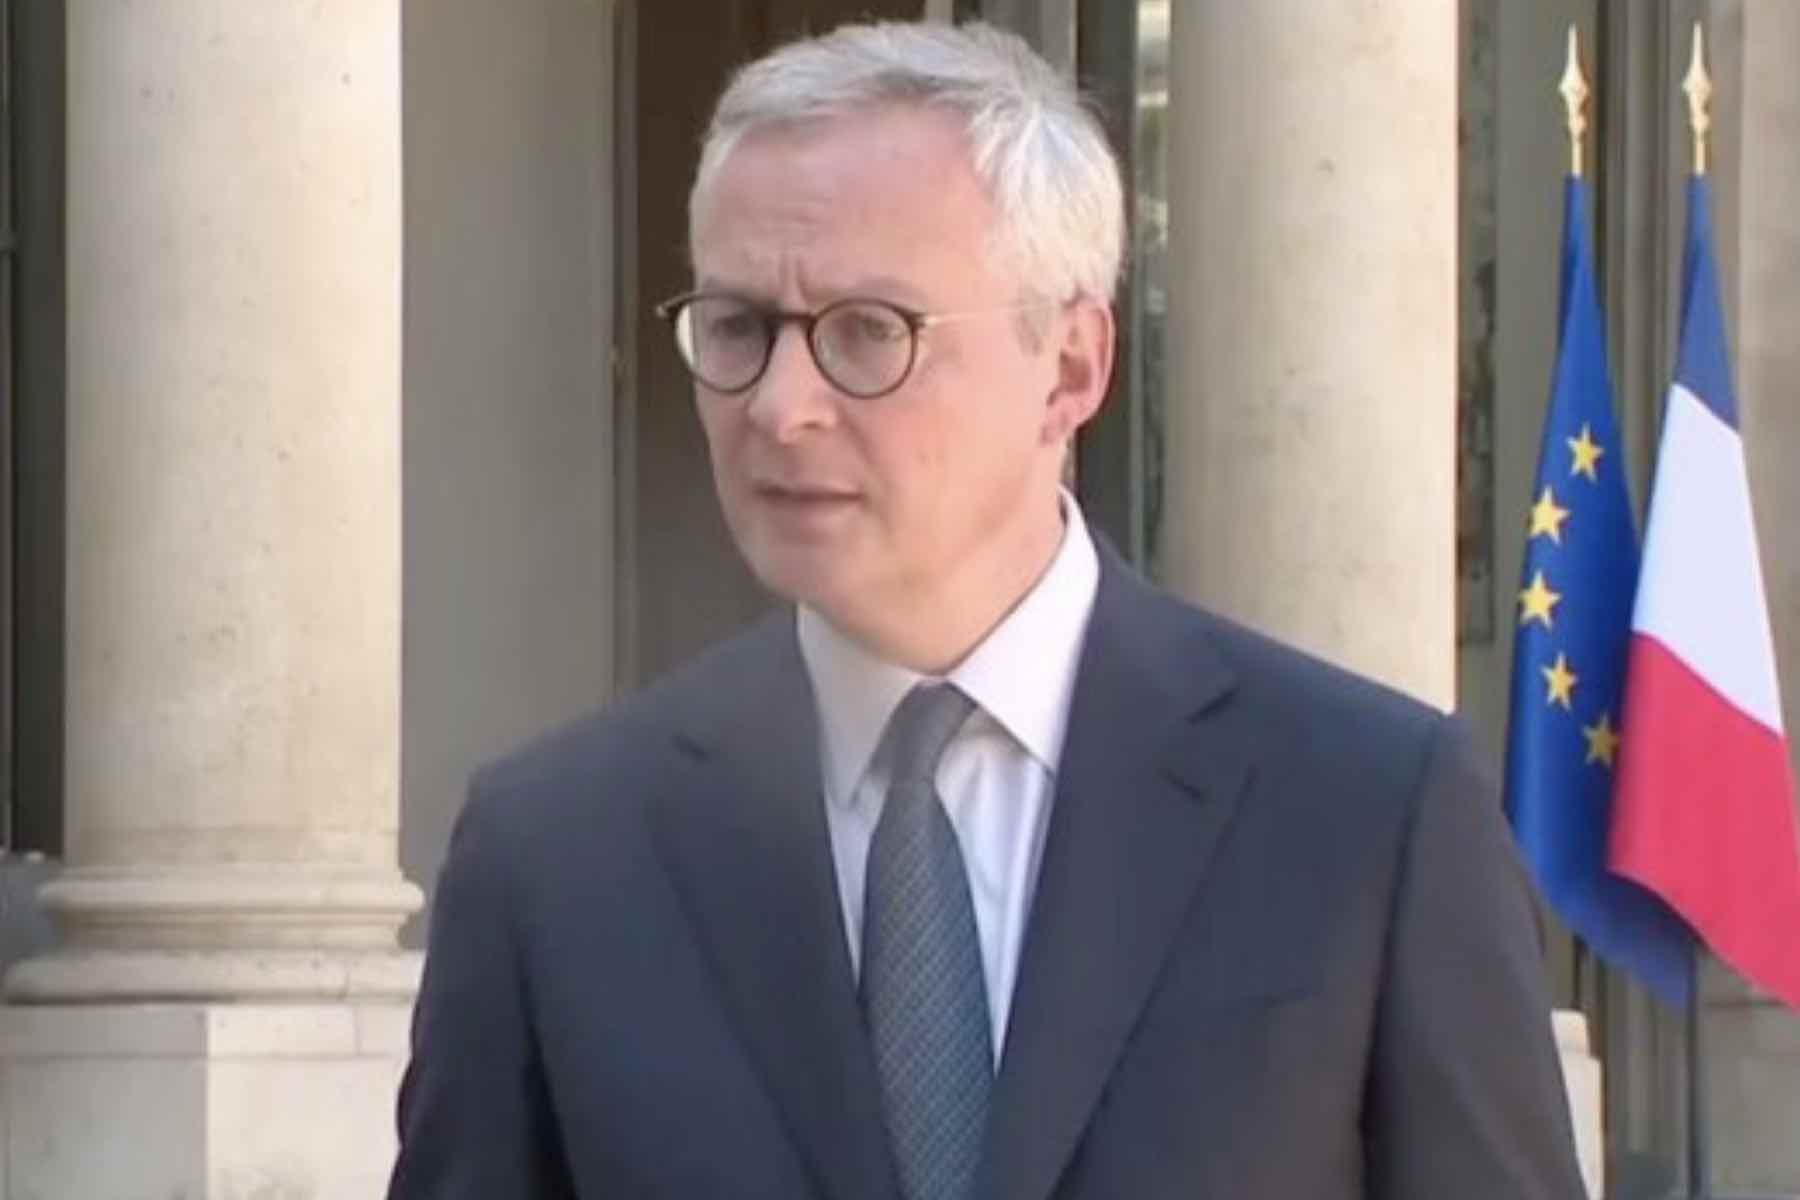 Władze sprawdzają francuskich rezydentów podatkowych w związku z Pandora Papers